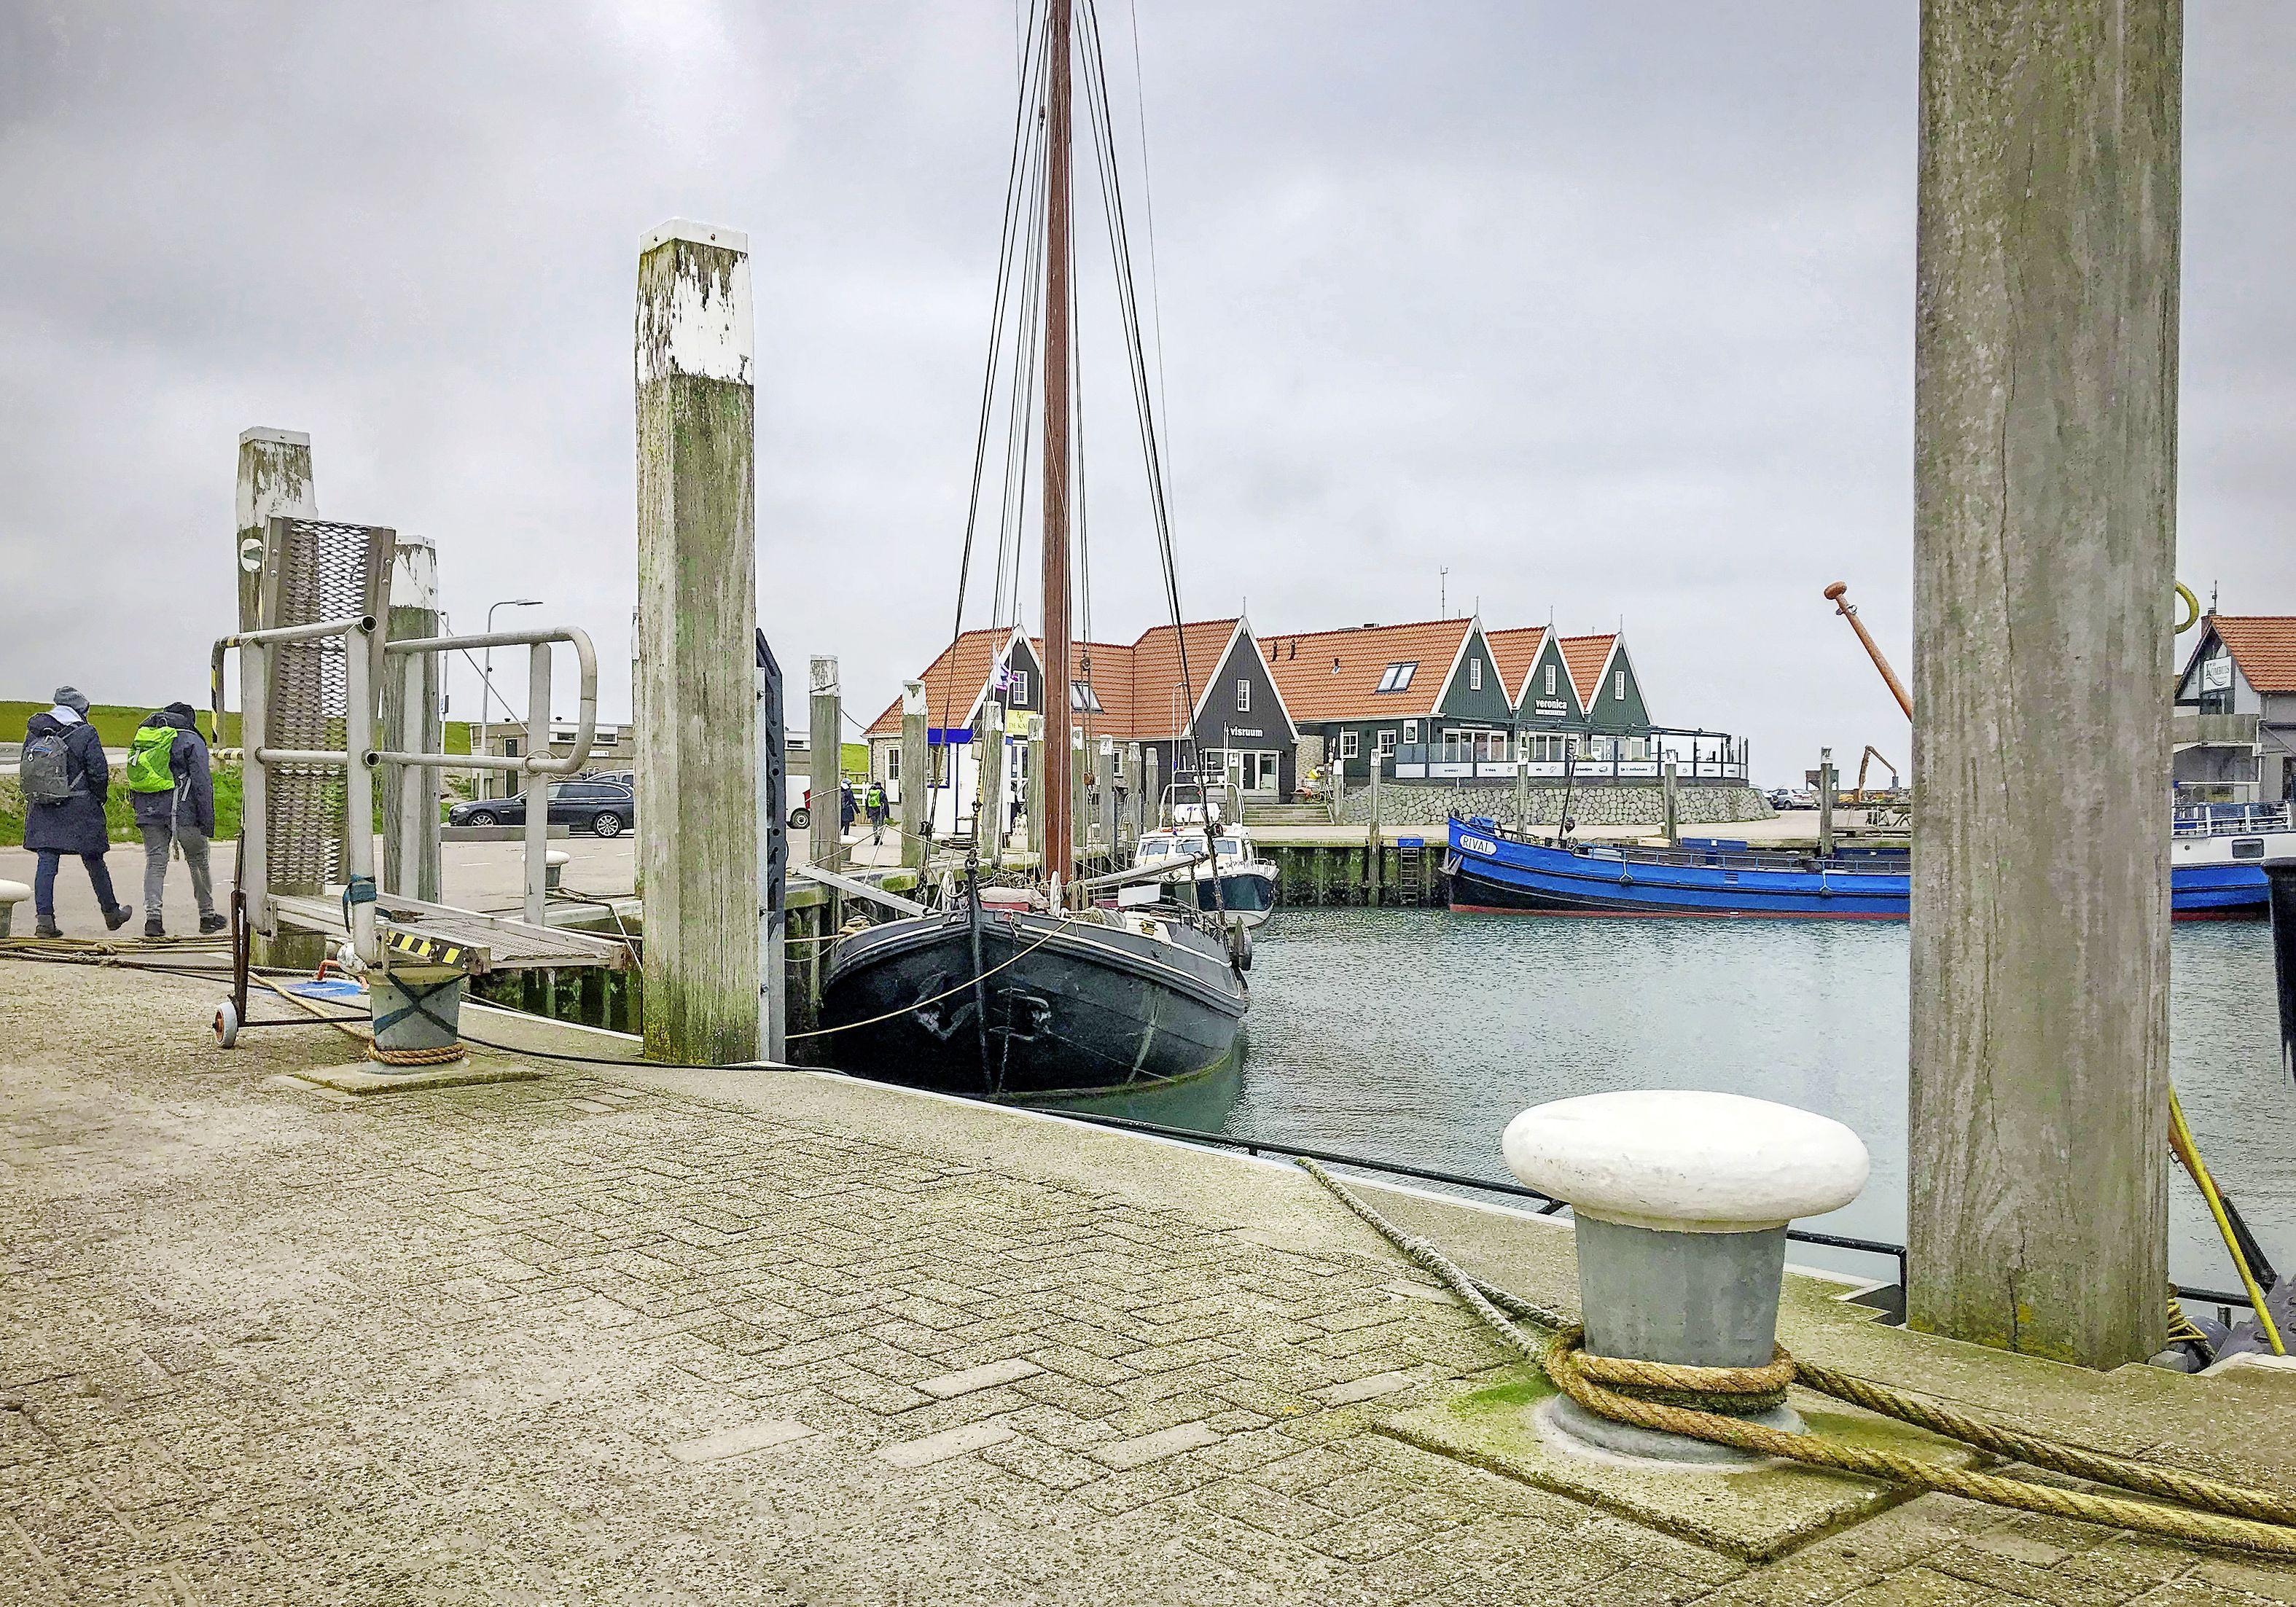 Gemeente Texel maakte fouten bij toekennen van vergunning voor een ligplaats voor een rondvaartboot in de haven van Oudeschild